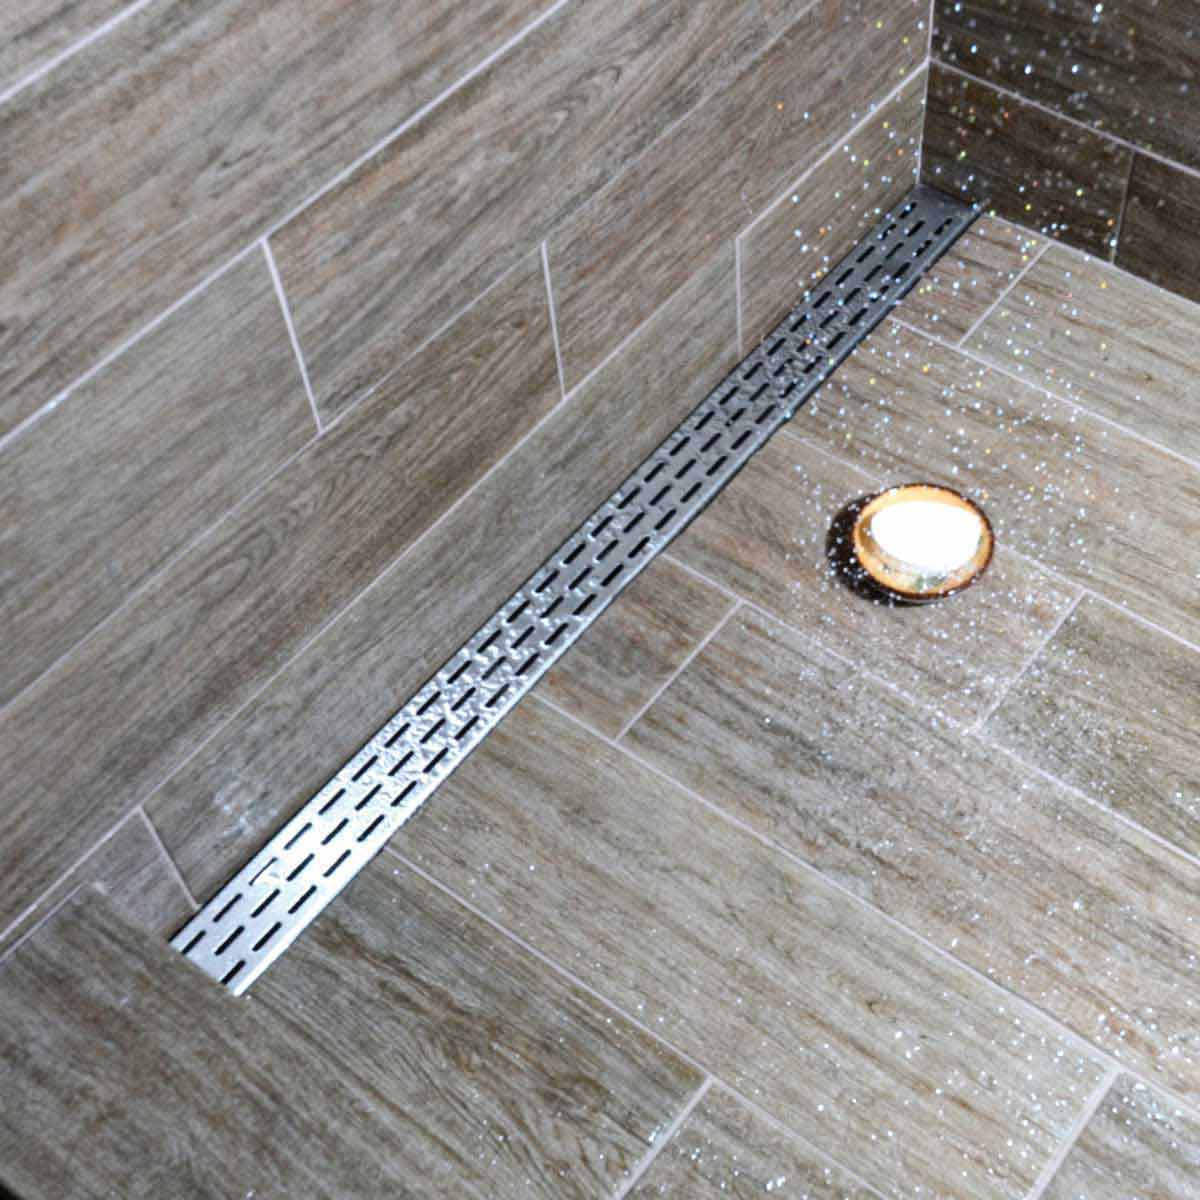 32 inch Laticrete Hydro Ban Linear Drain